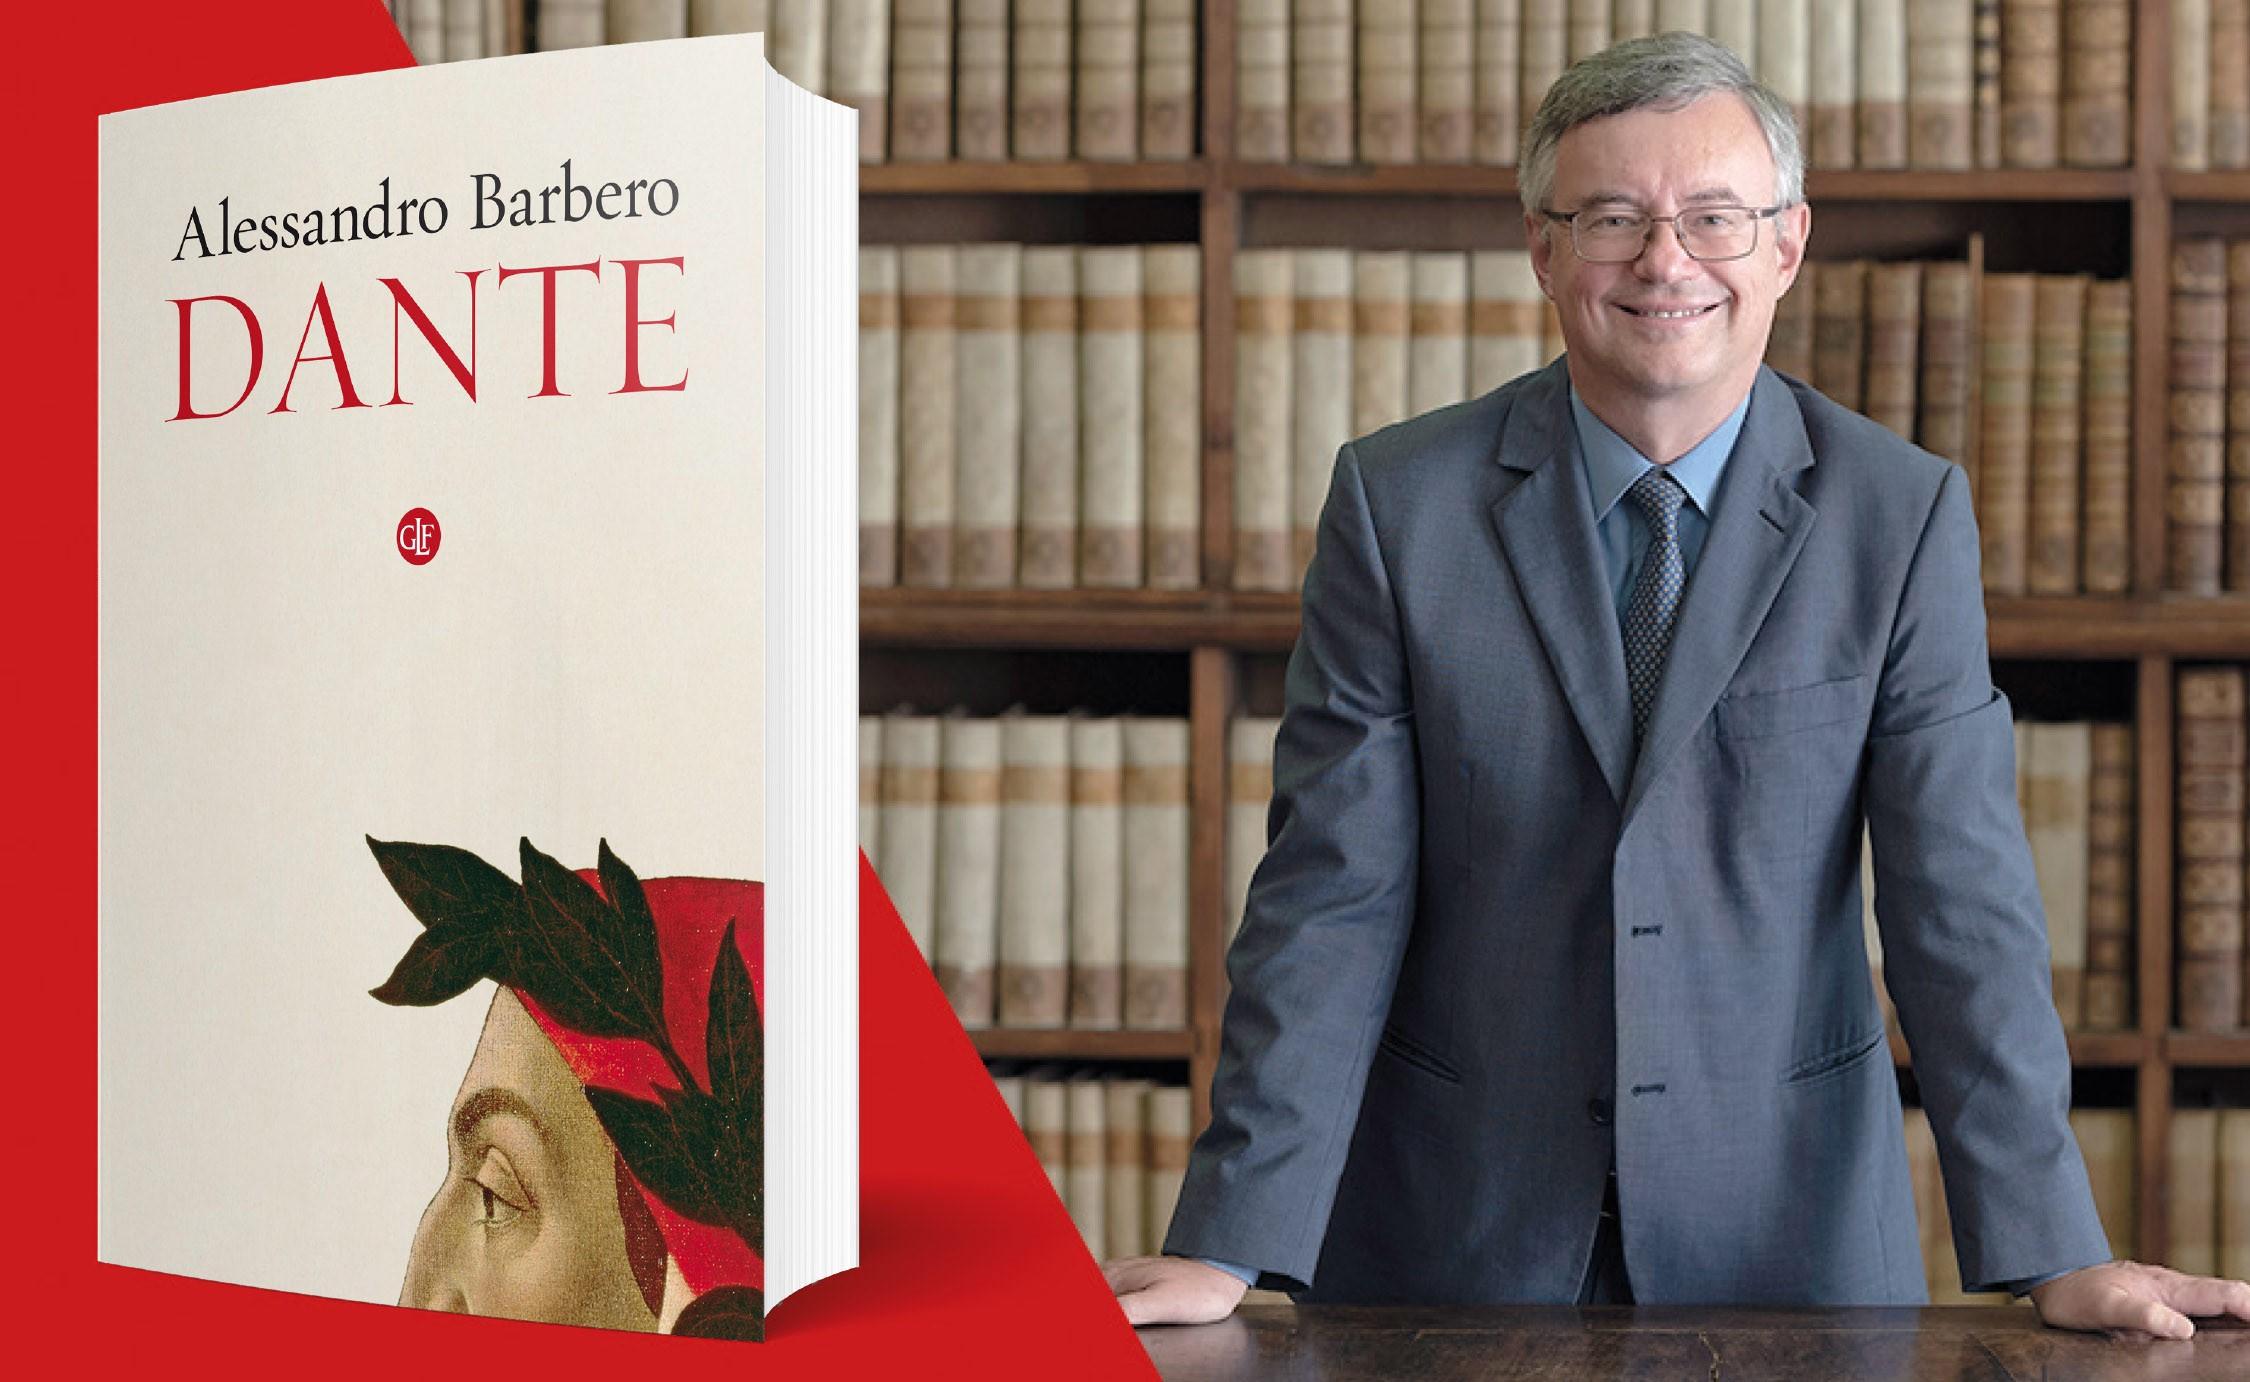 Barbero, Dante